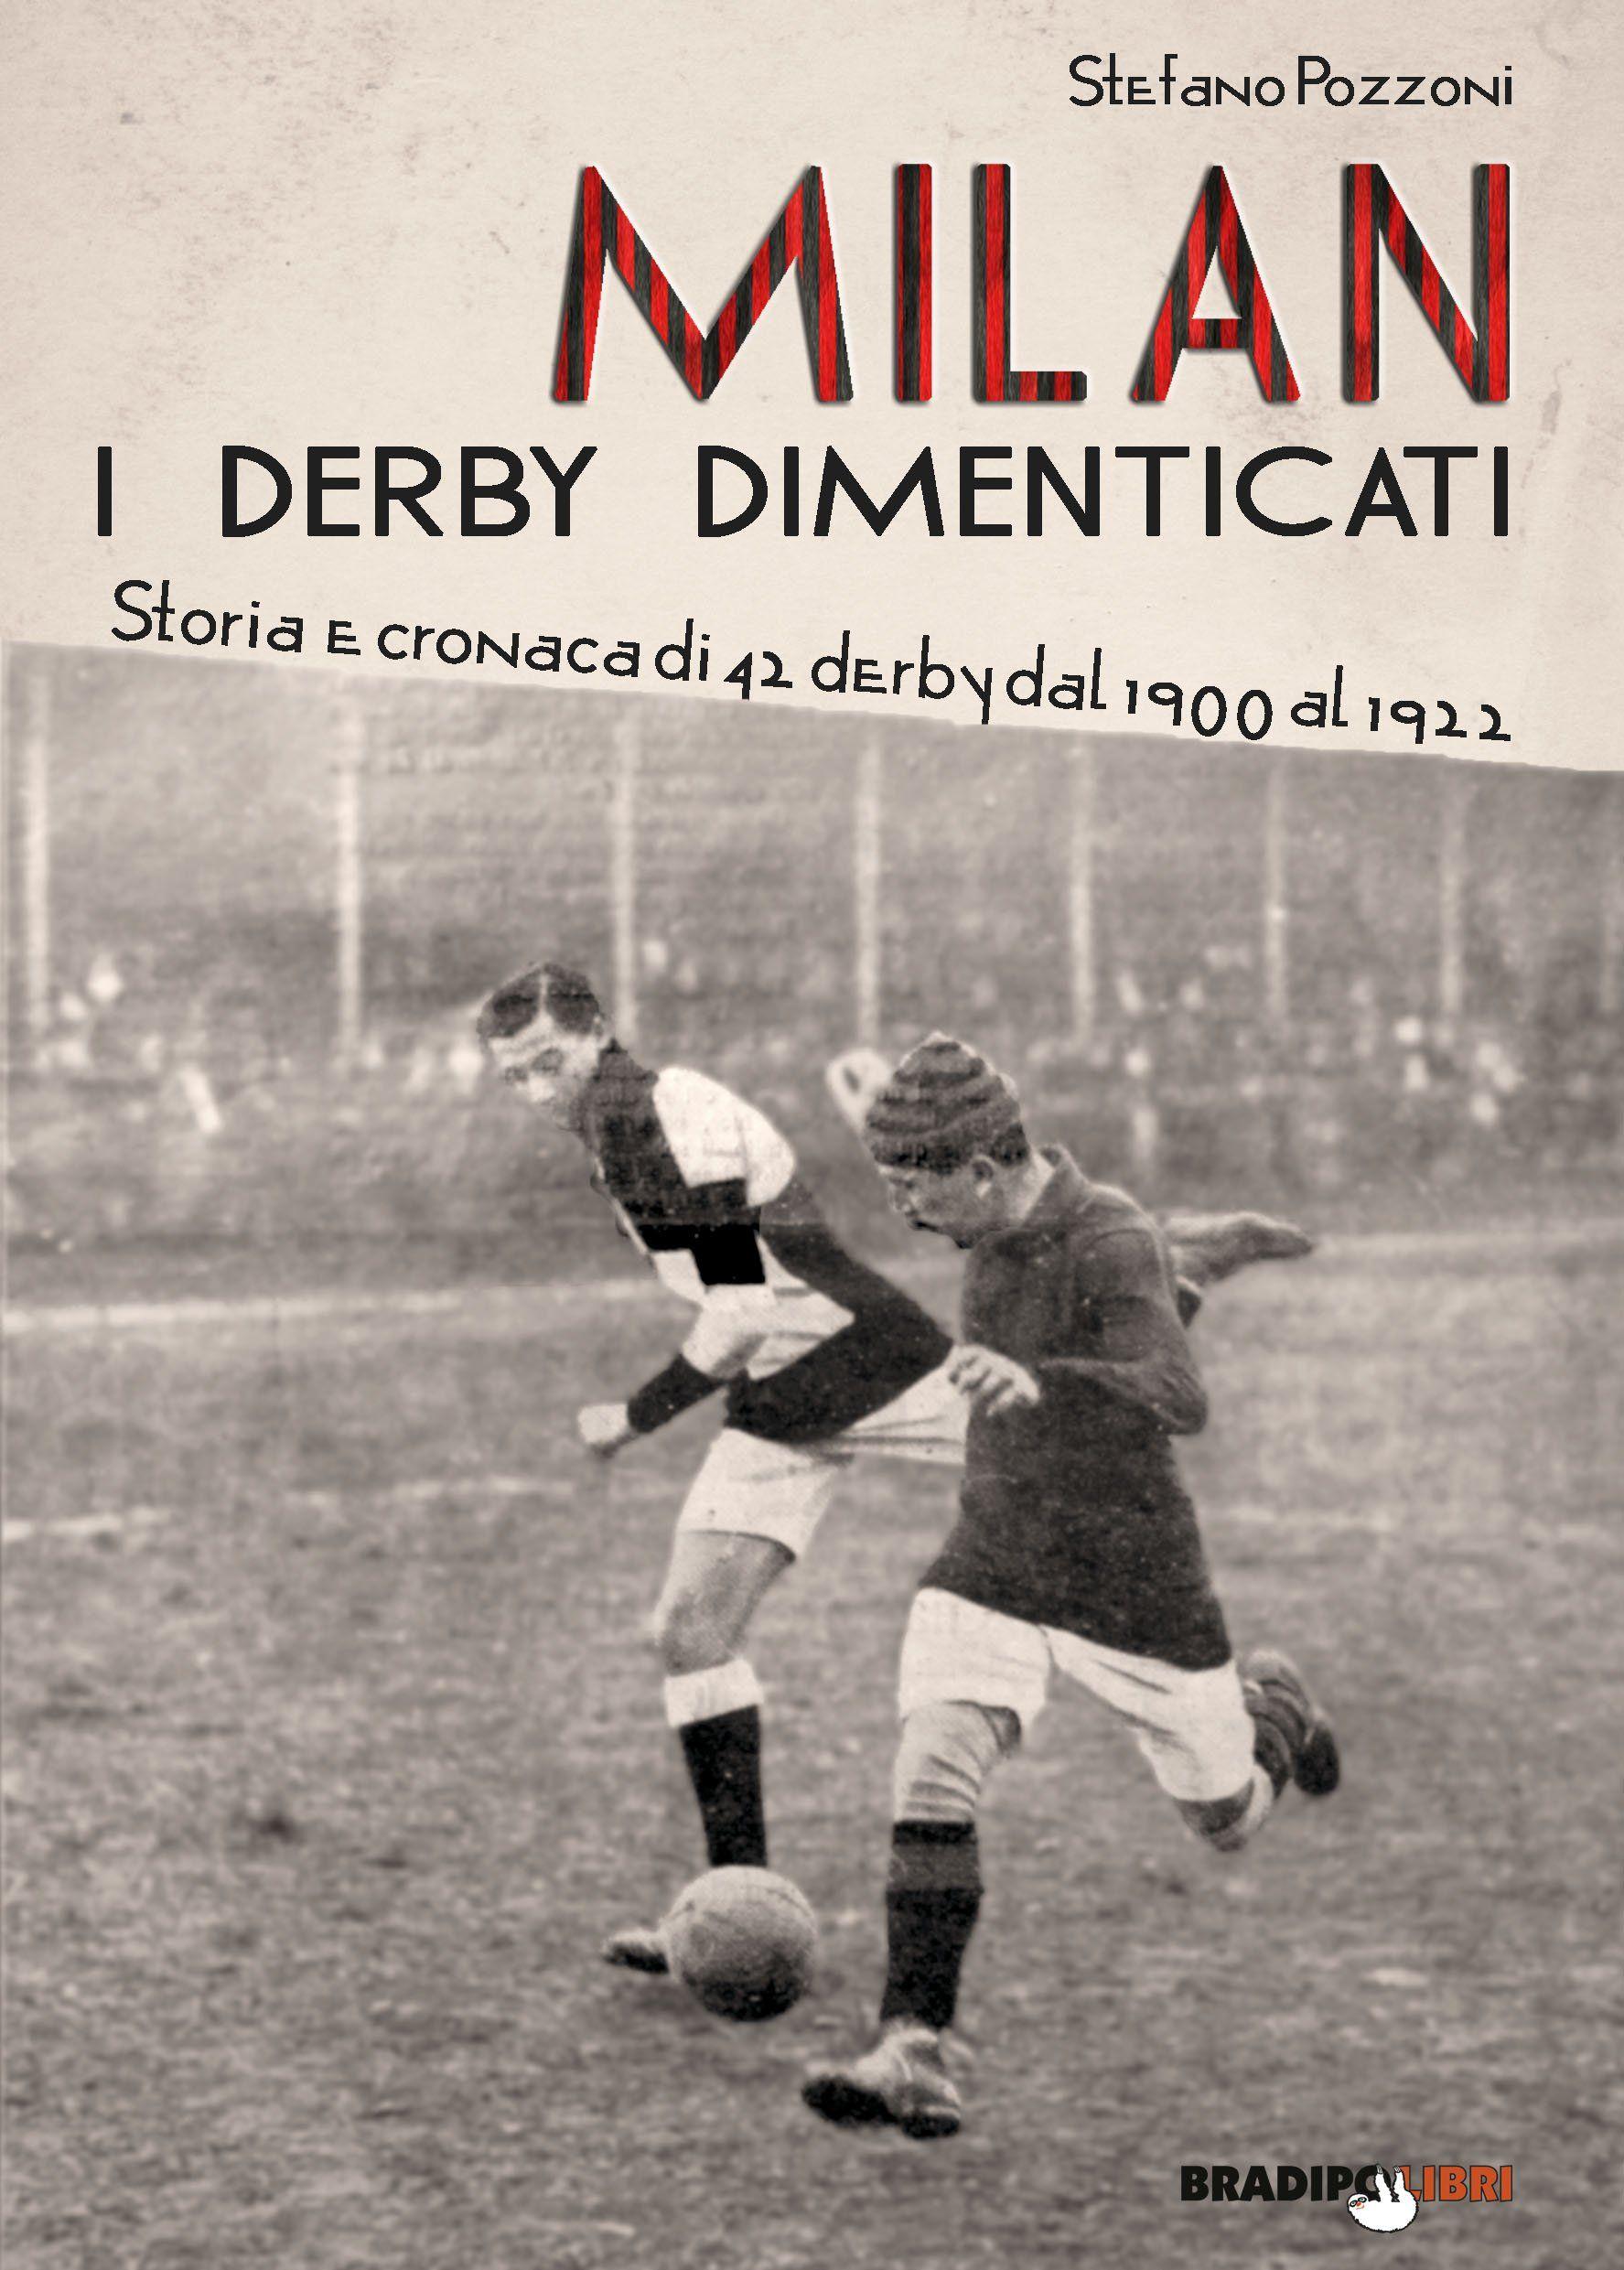 I derby dimenticati del Milan